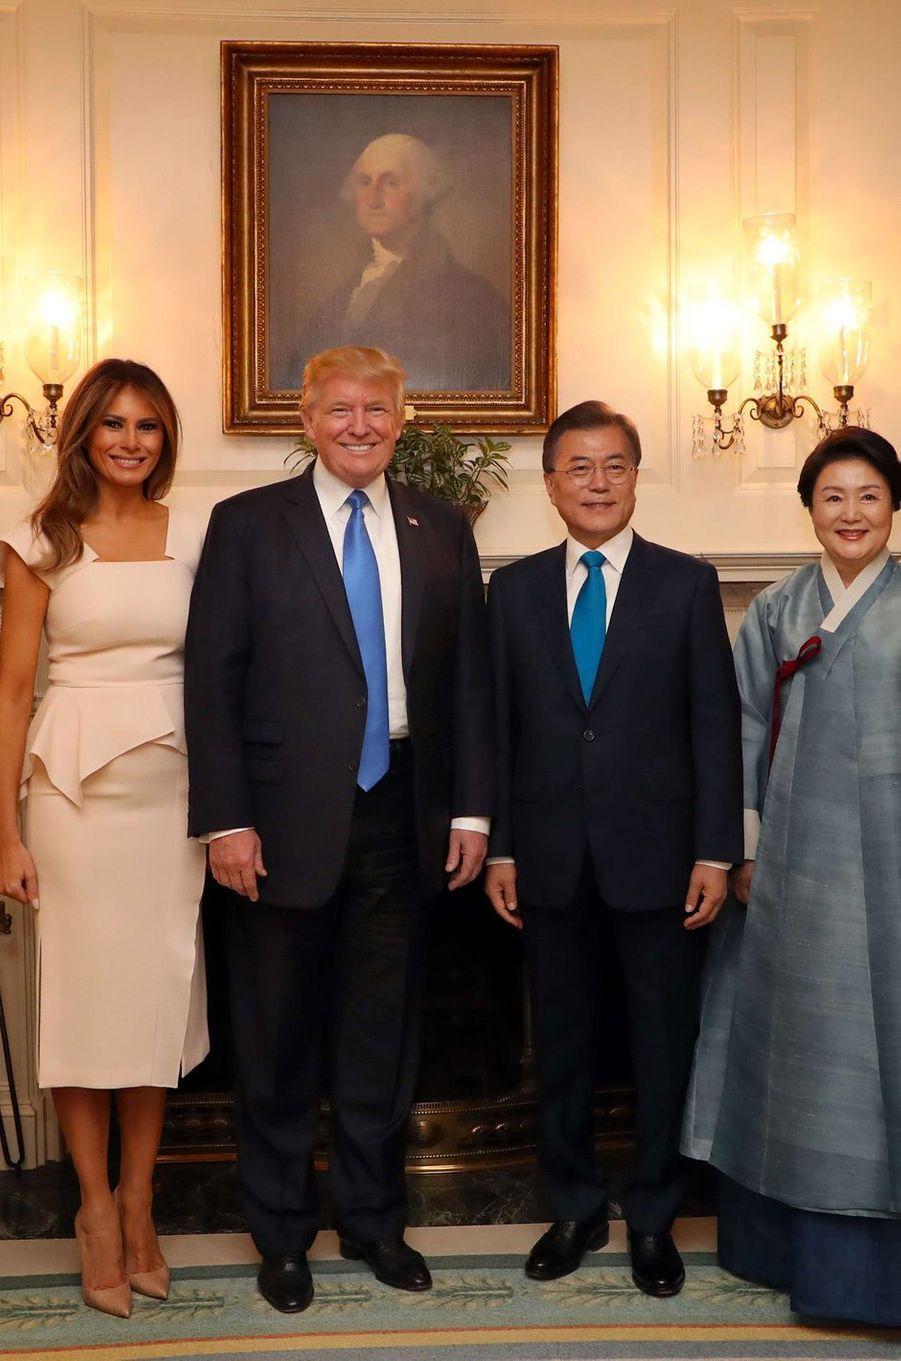 Melania et Donald Trump avec Moon Jae-in etson épouse Kim Jeong-sook, le 29 juin 2017.A voir :Melania Trump, First Lady dans le vent pour accueillir le président sud-coréen